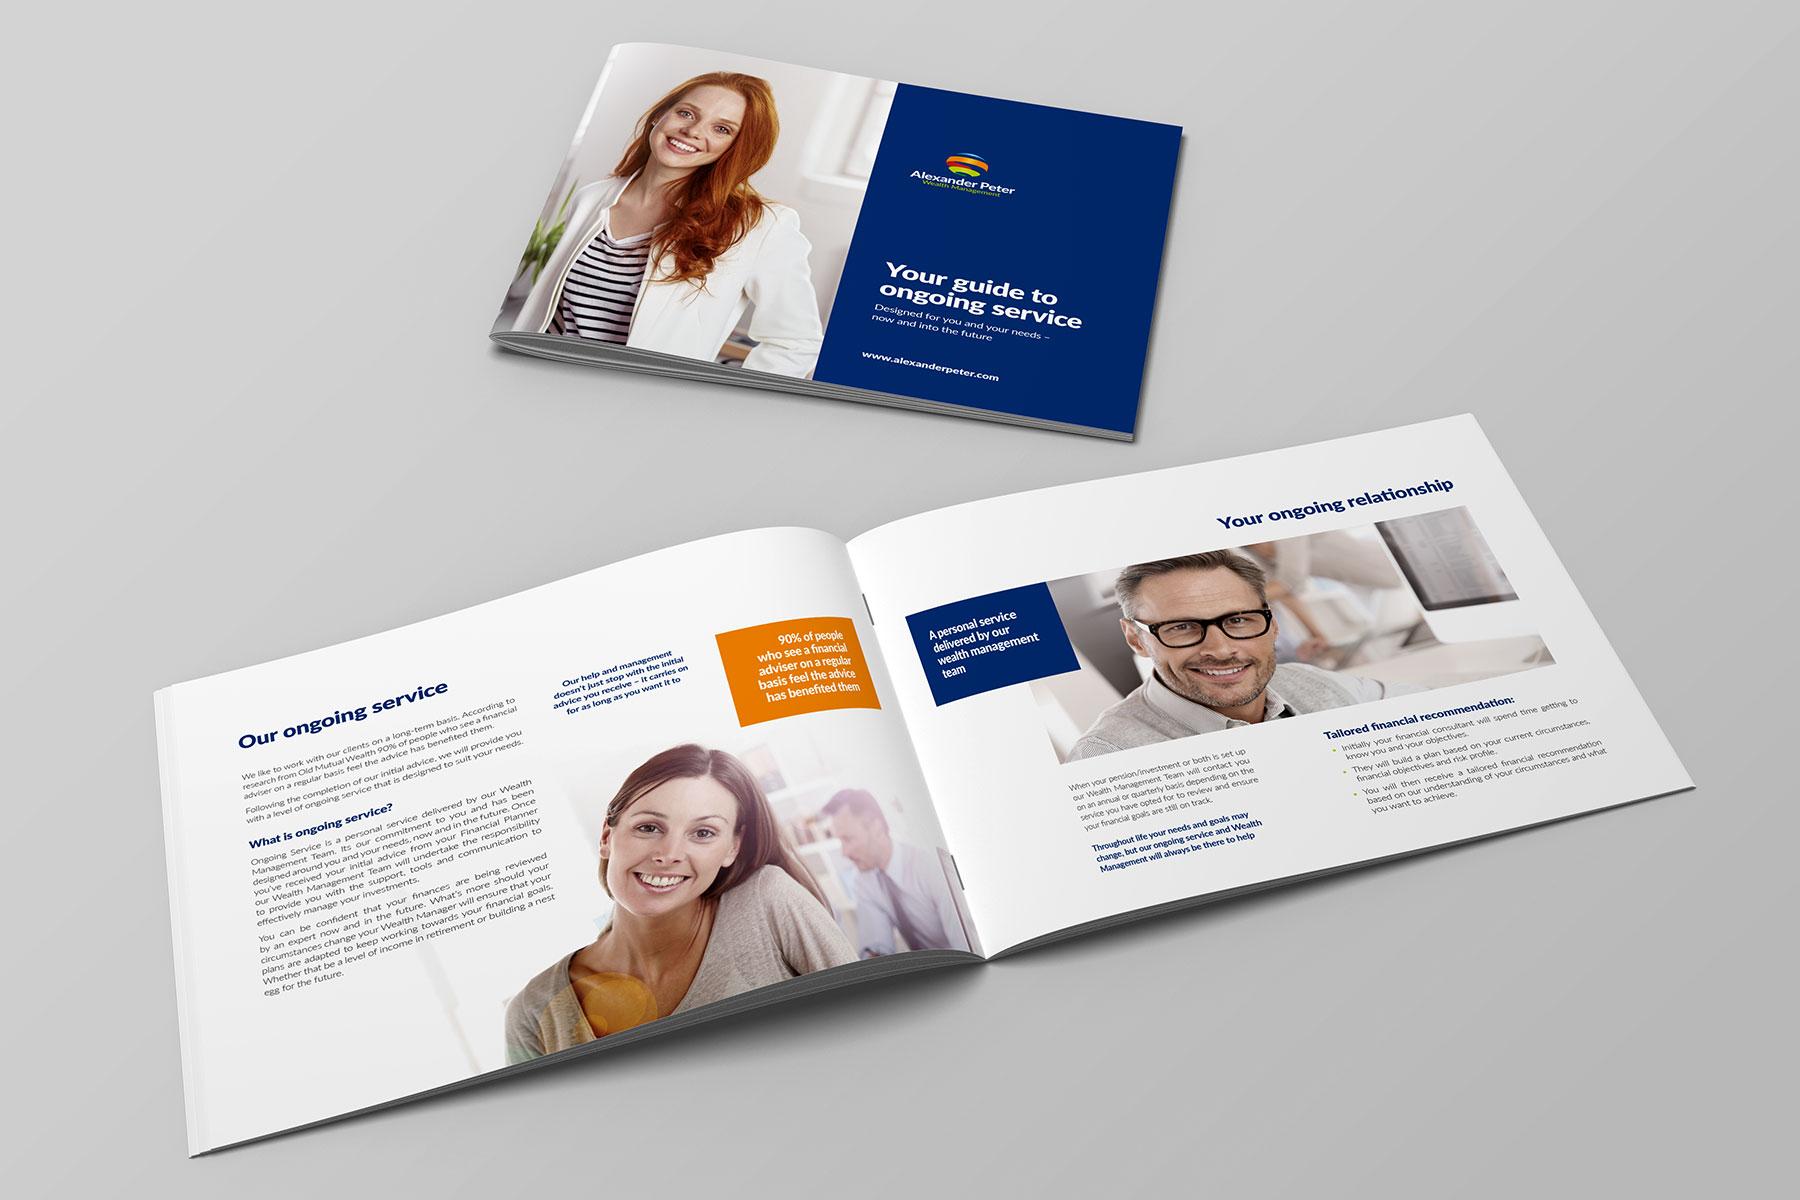 Brochure design for Alexander Peter branding